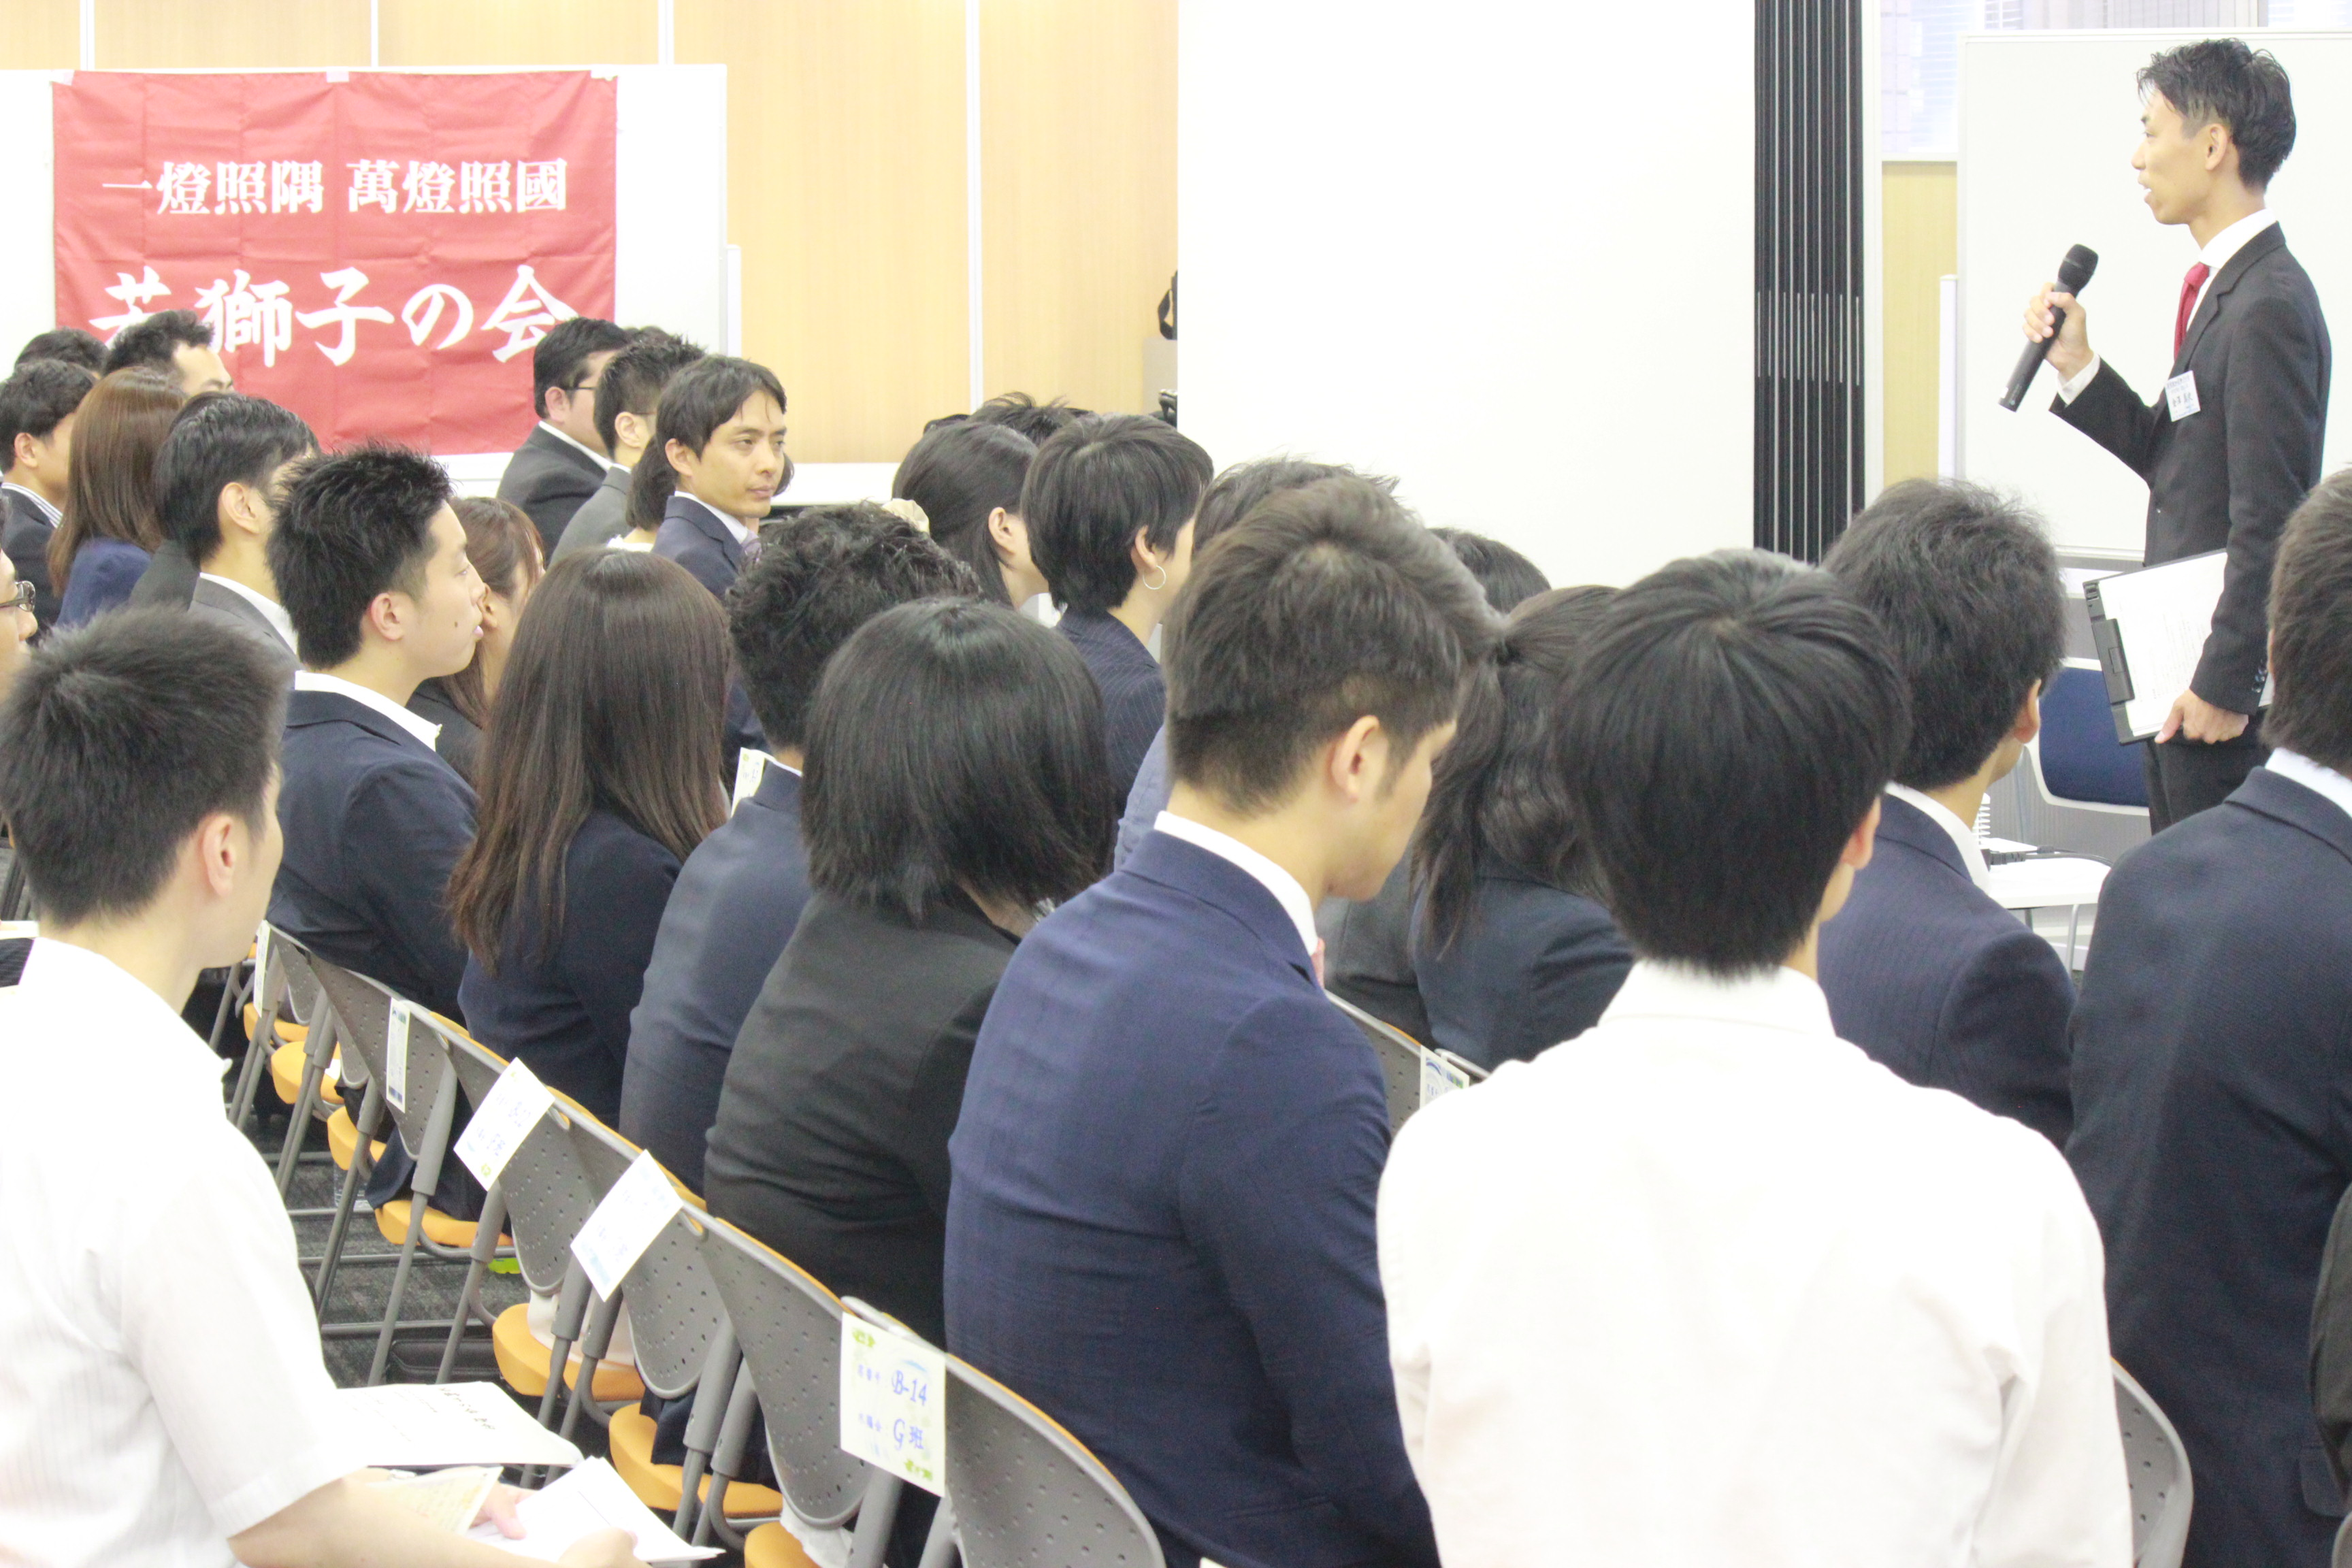 IMG 7741 - 関東若獅子の会、記念すべき第100回